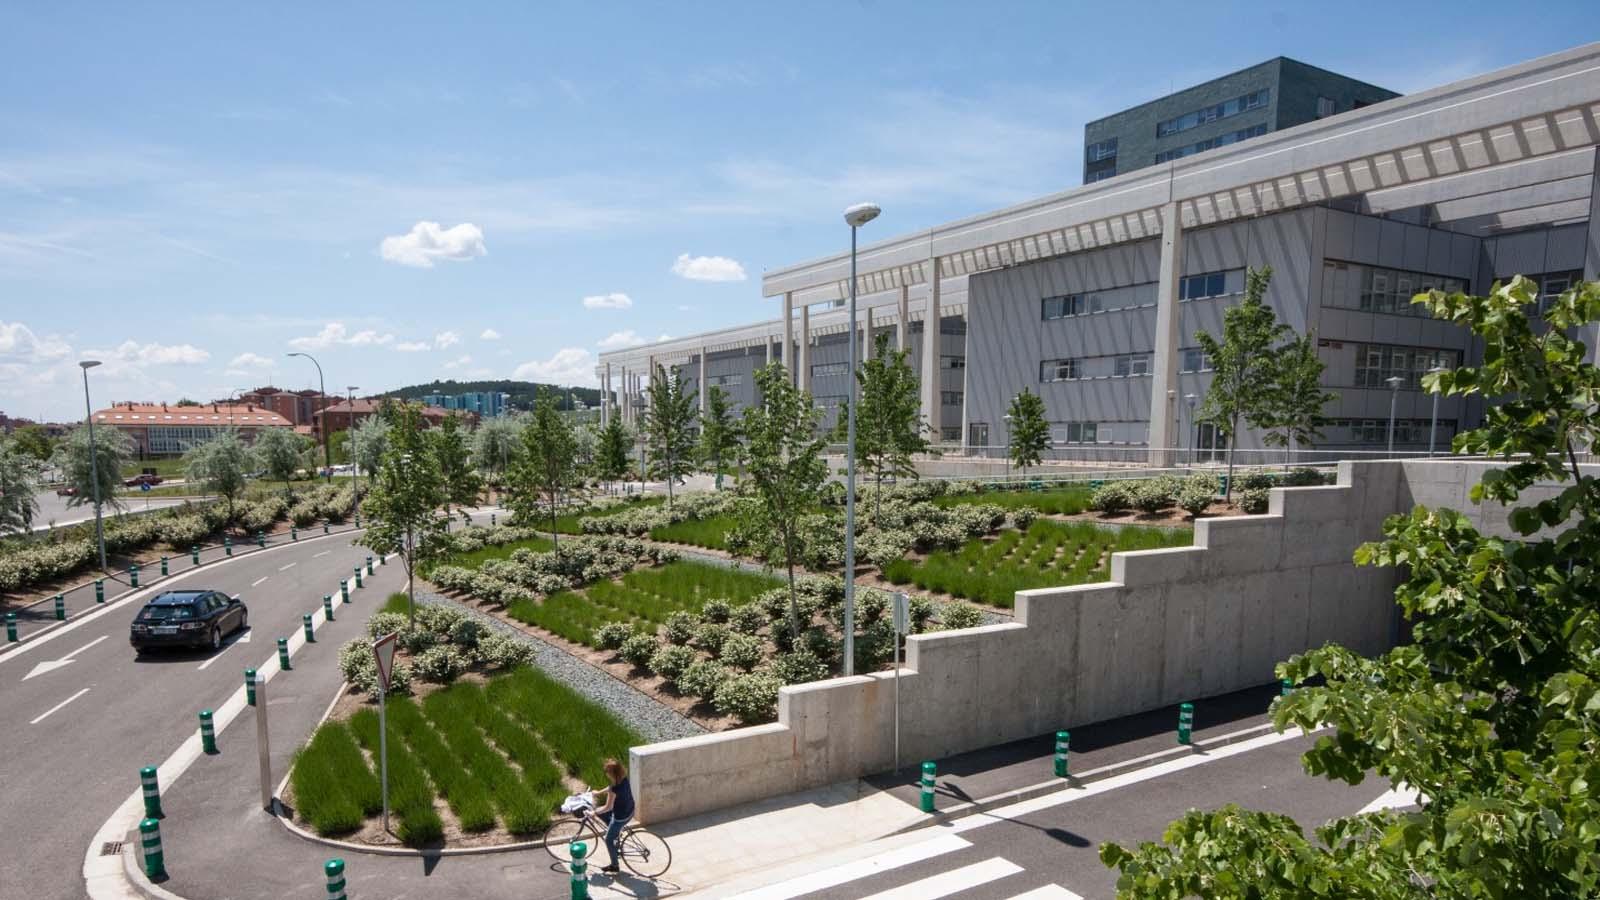 Luis Vallejo y sus jardines artísticos